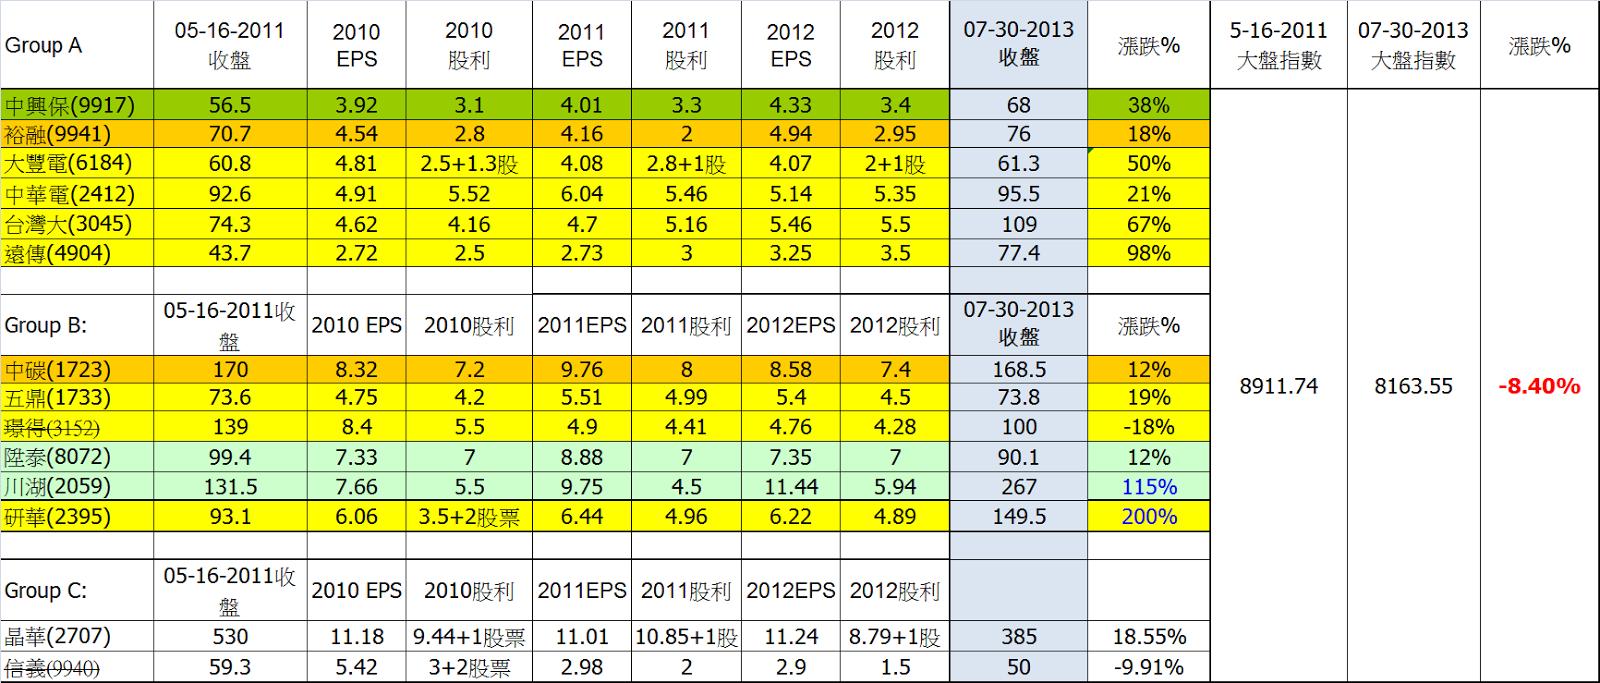 大A 的 股讀筆記: 獲利怪獸持股兩年報酬率檢視-07-30-2013